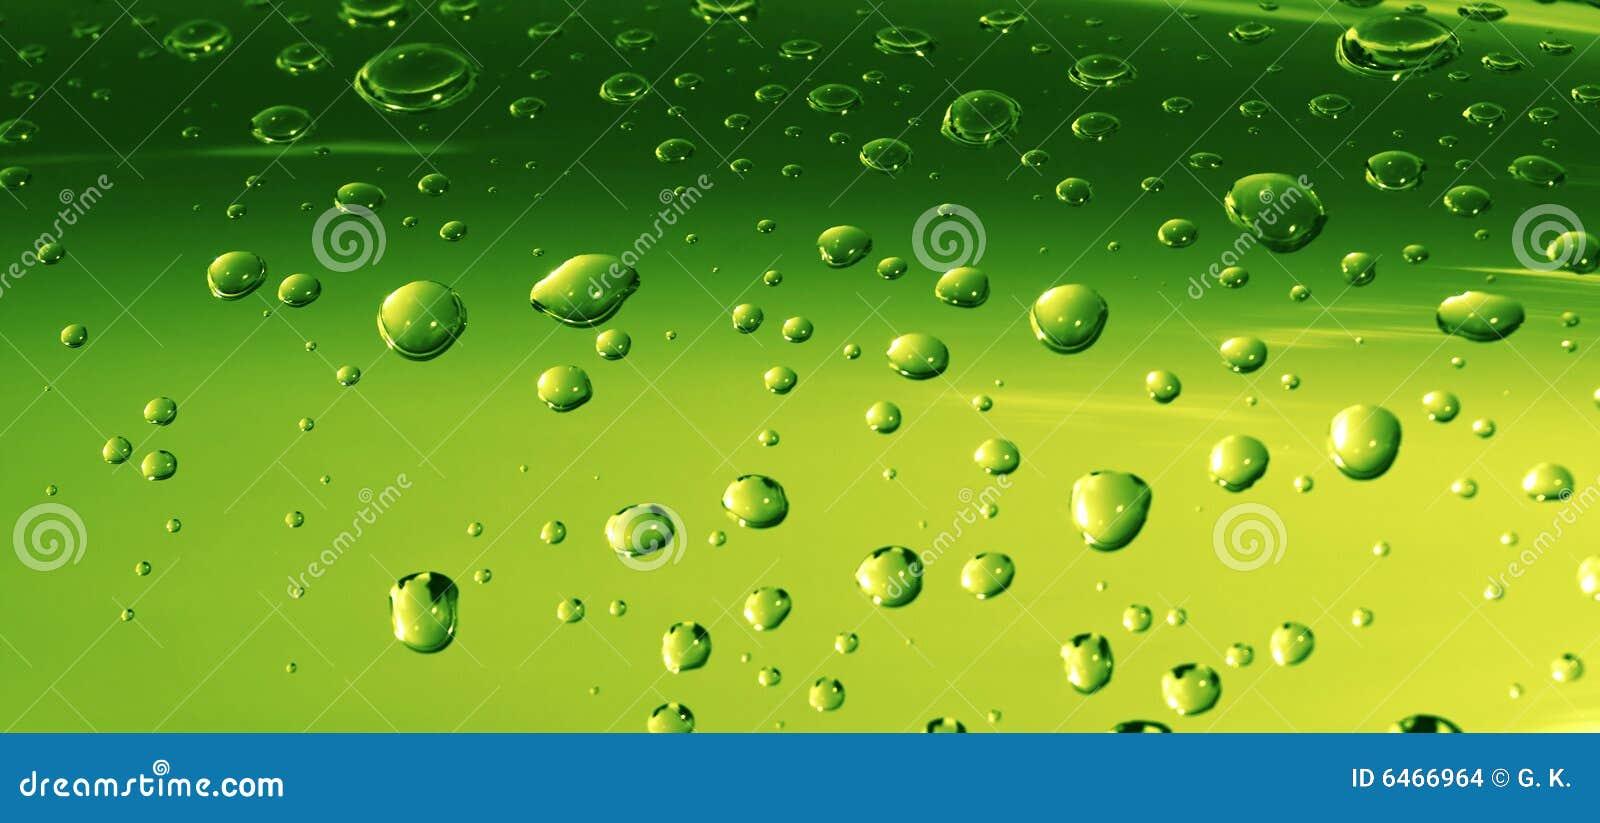 Zielone krople wody powierzchniowe